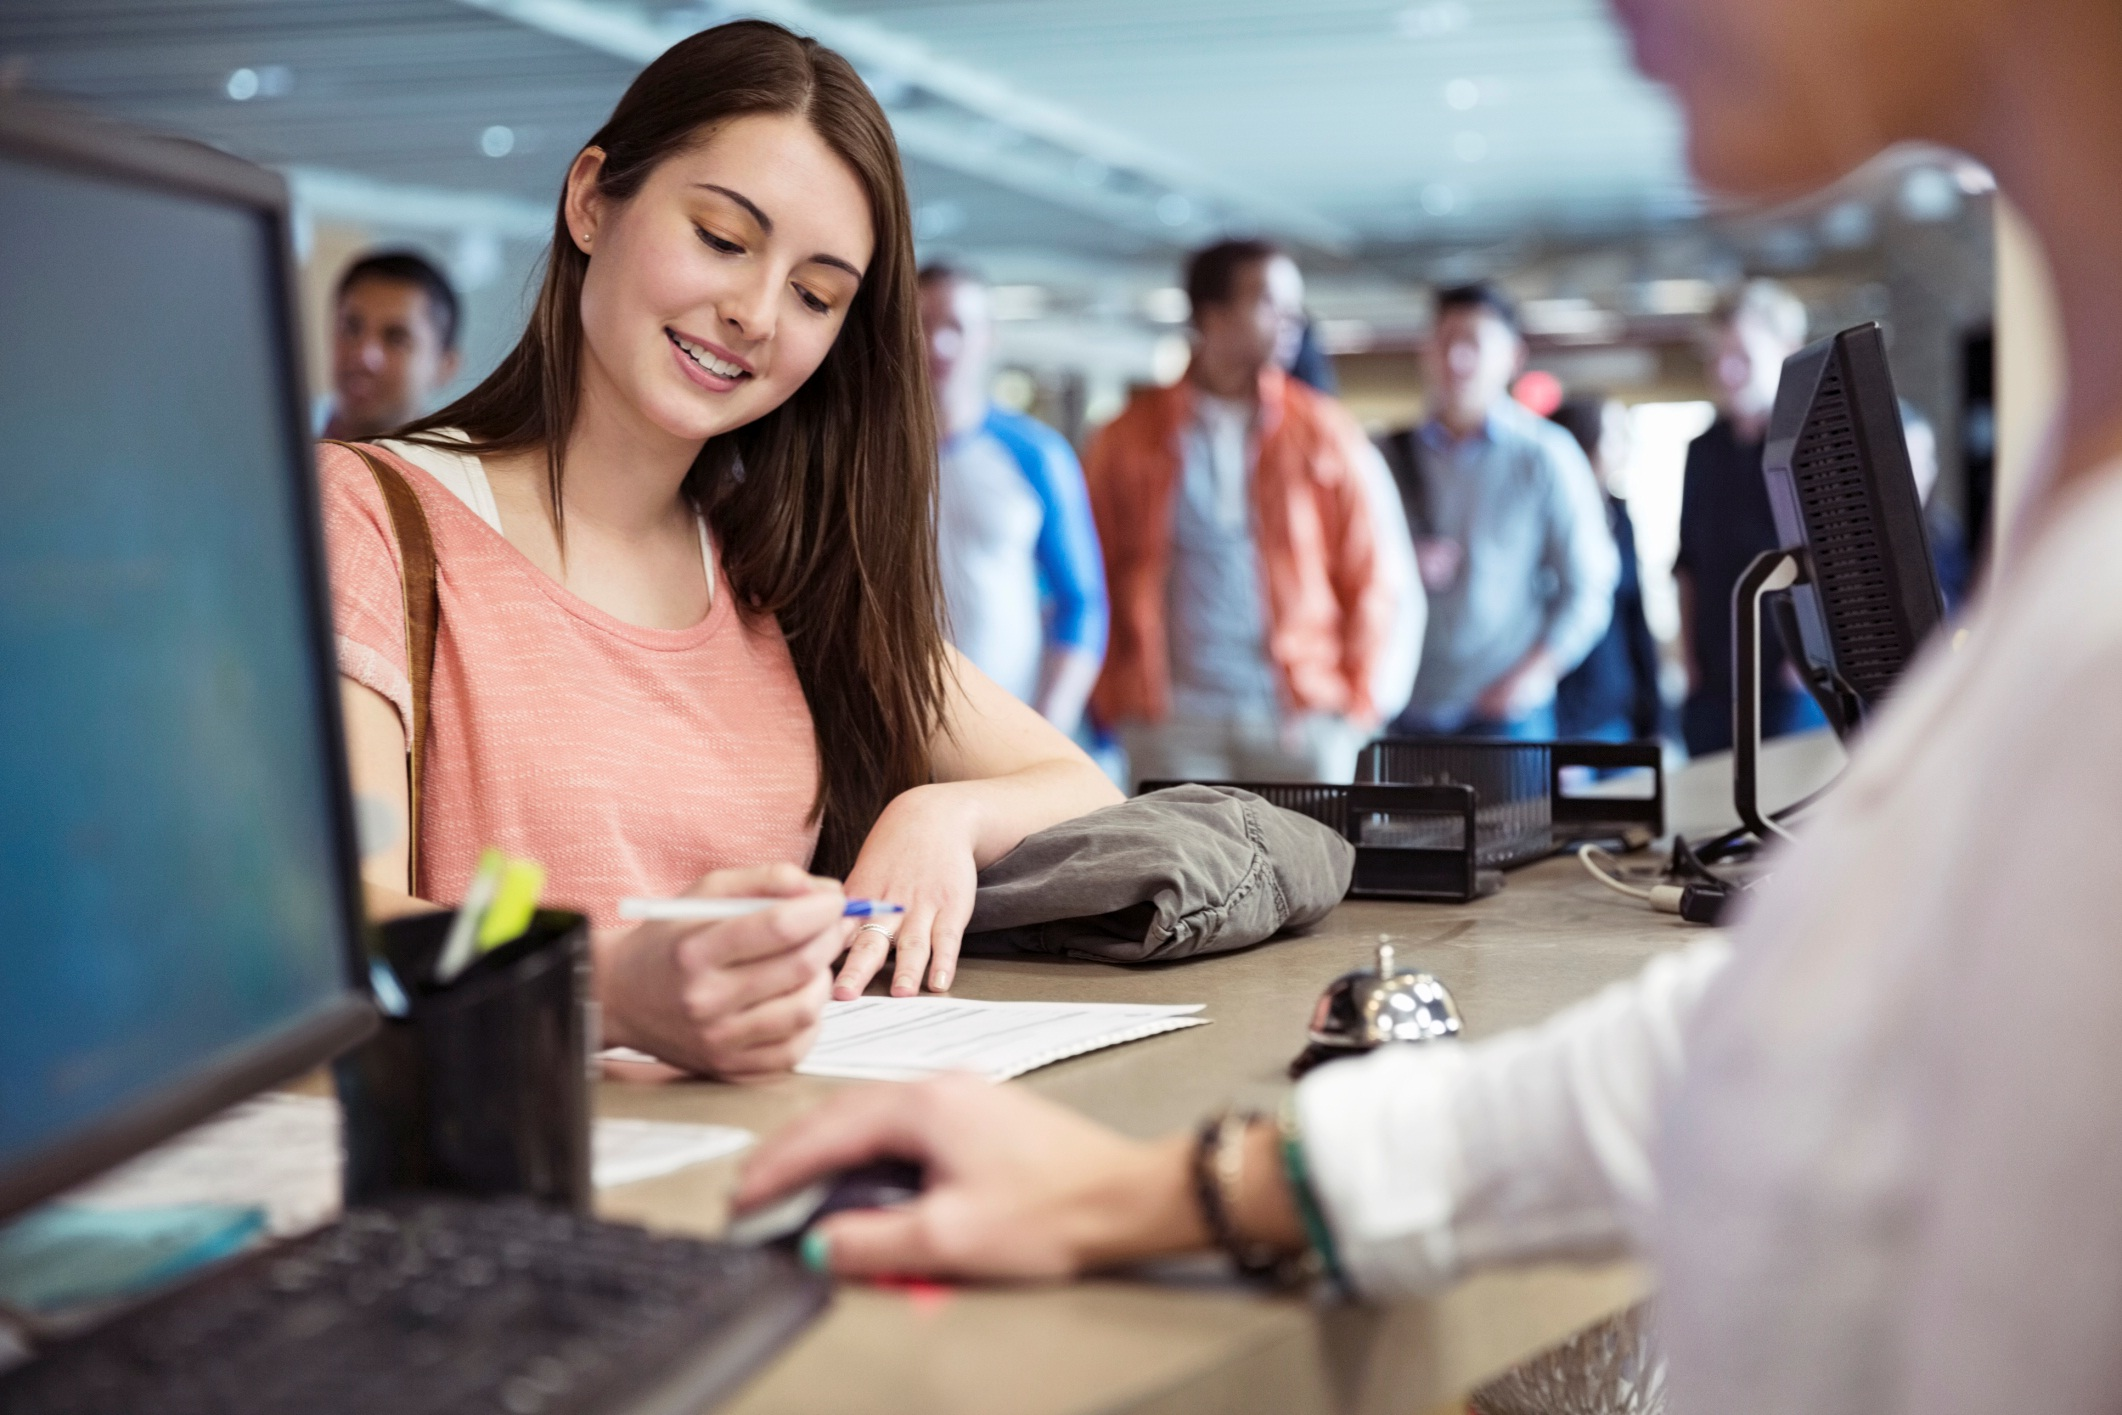 VnnNetwork.com - Cách giúp sinh viên lựa chọn việc làm nhanh chóng